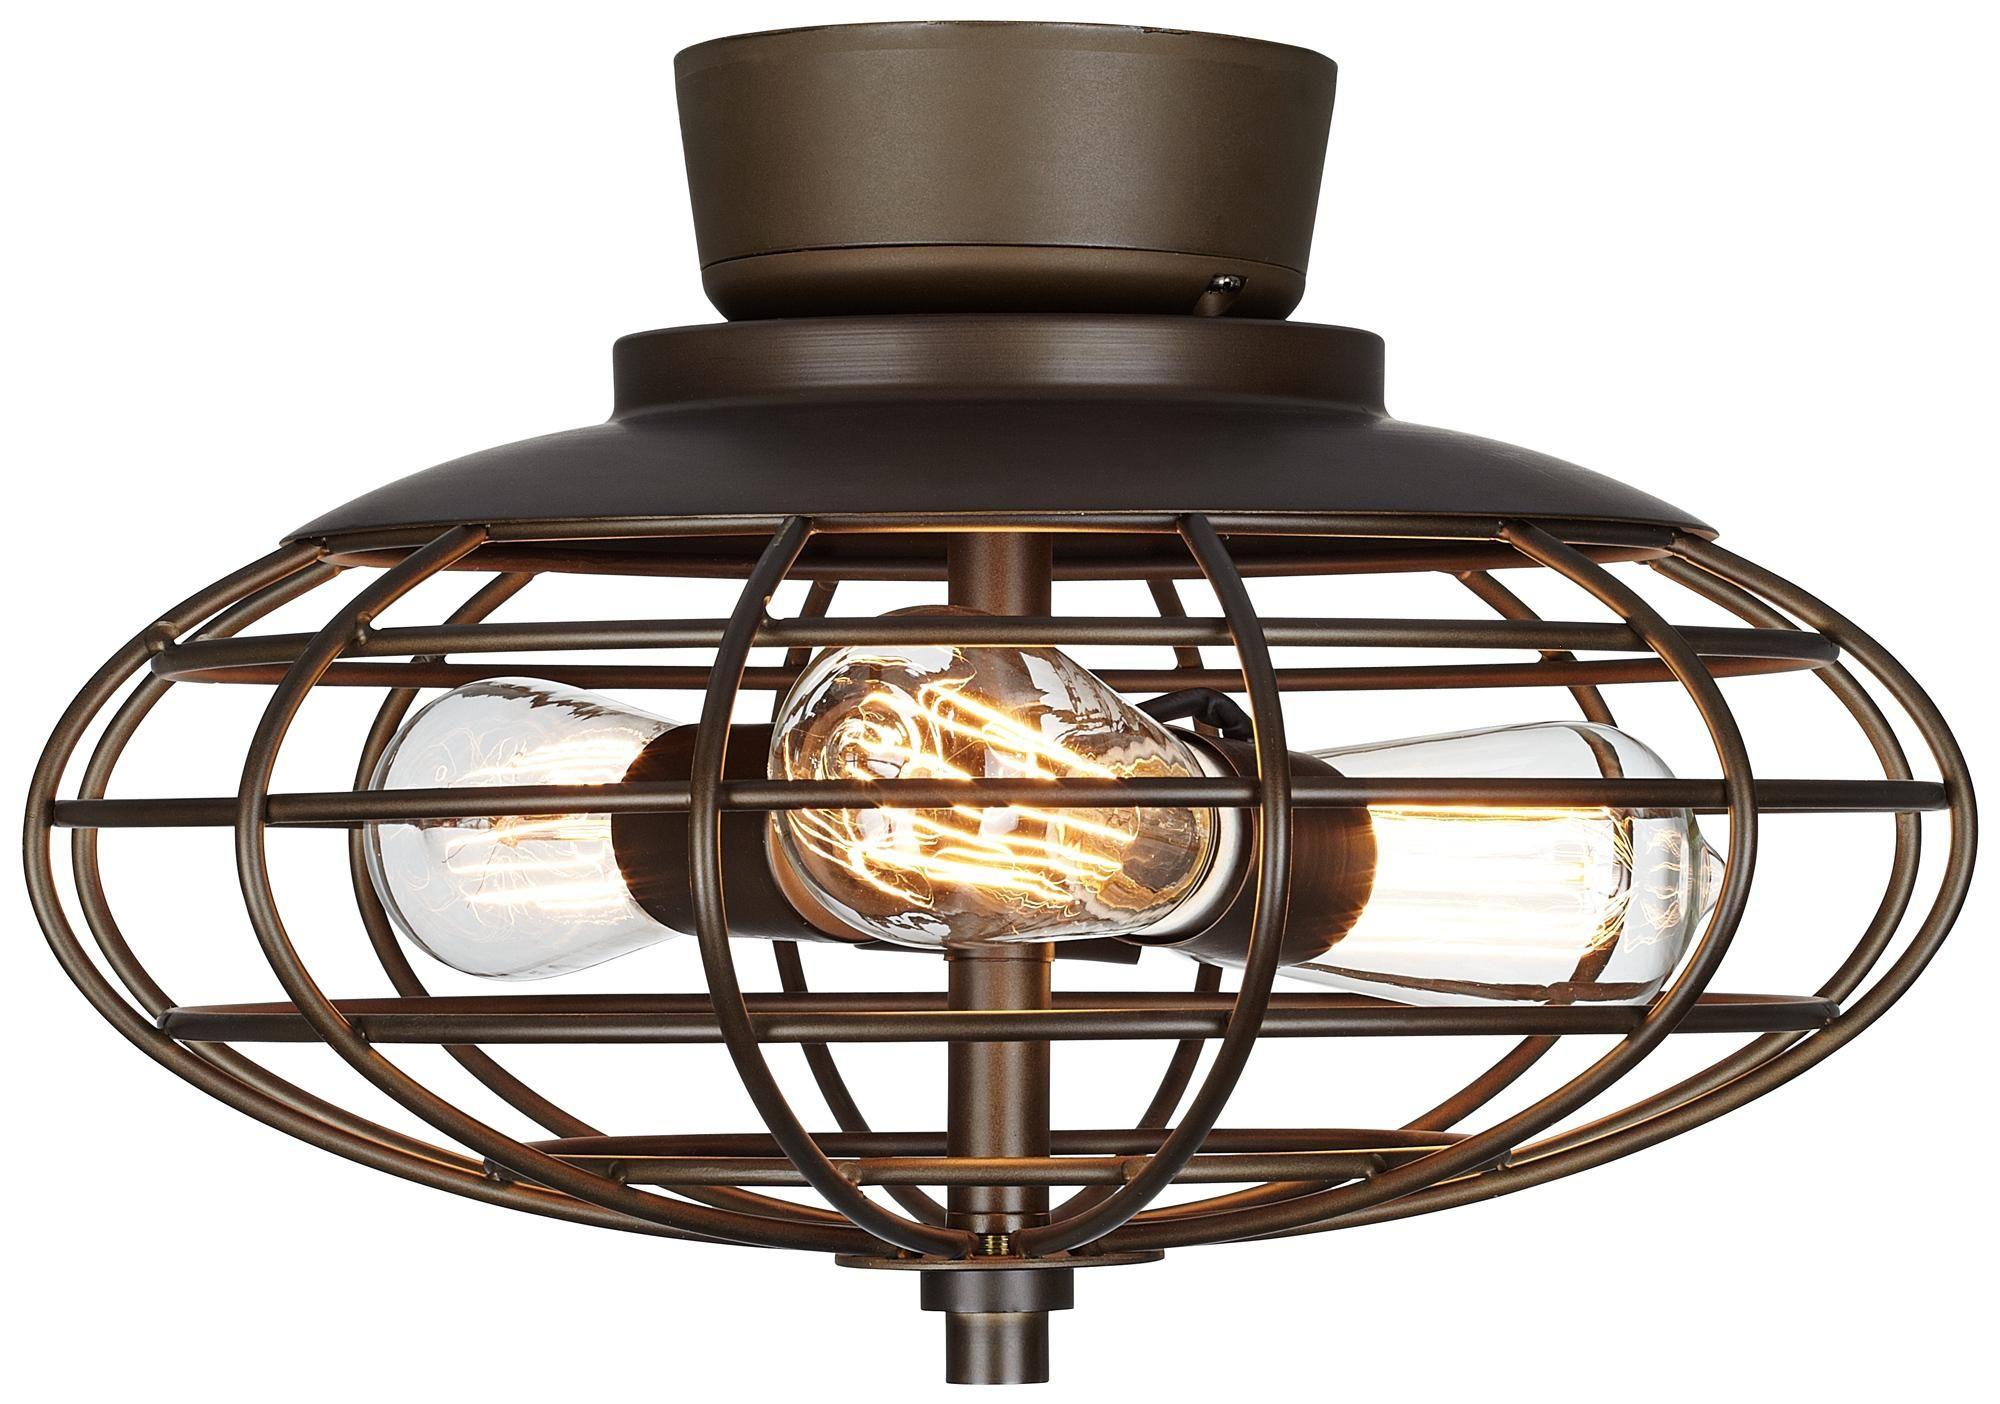 Hampton Bay 3 Light Bronze Bath Light 25107: Oil Rubbed Bronze Industrial Cage 3-60 Watt Ceiling Fan